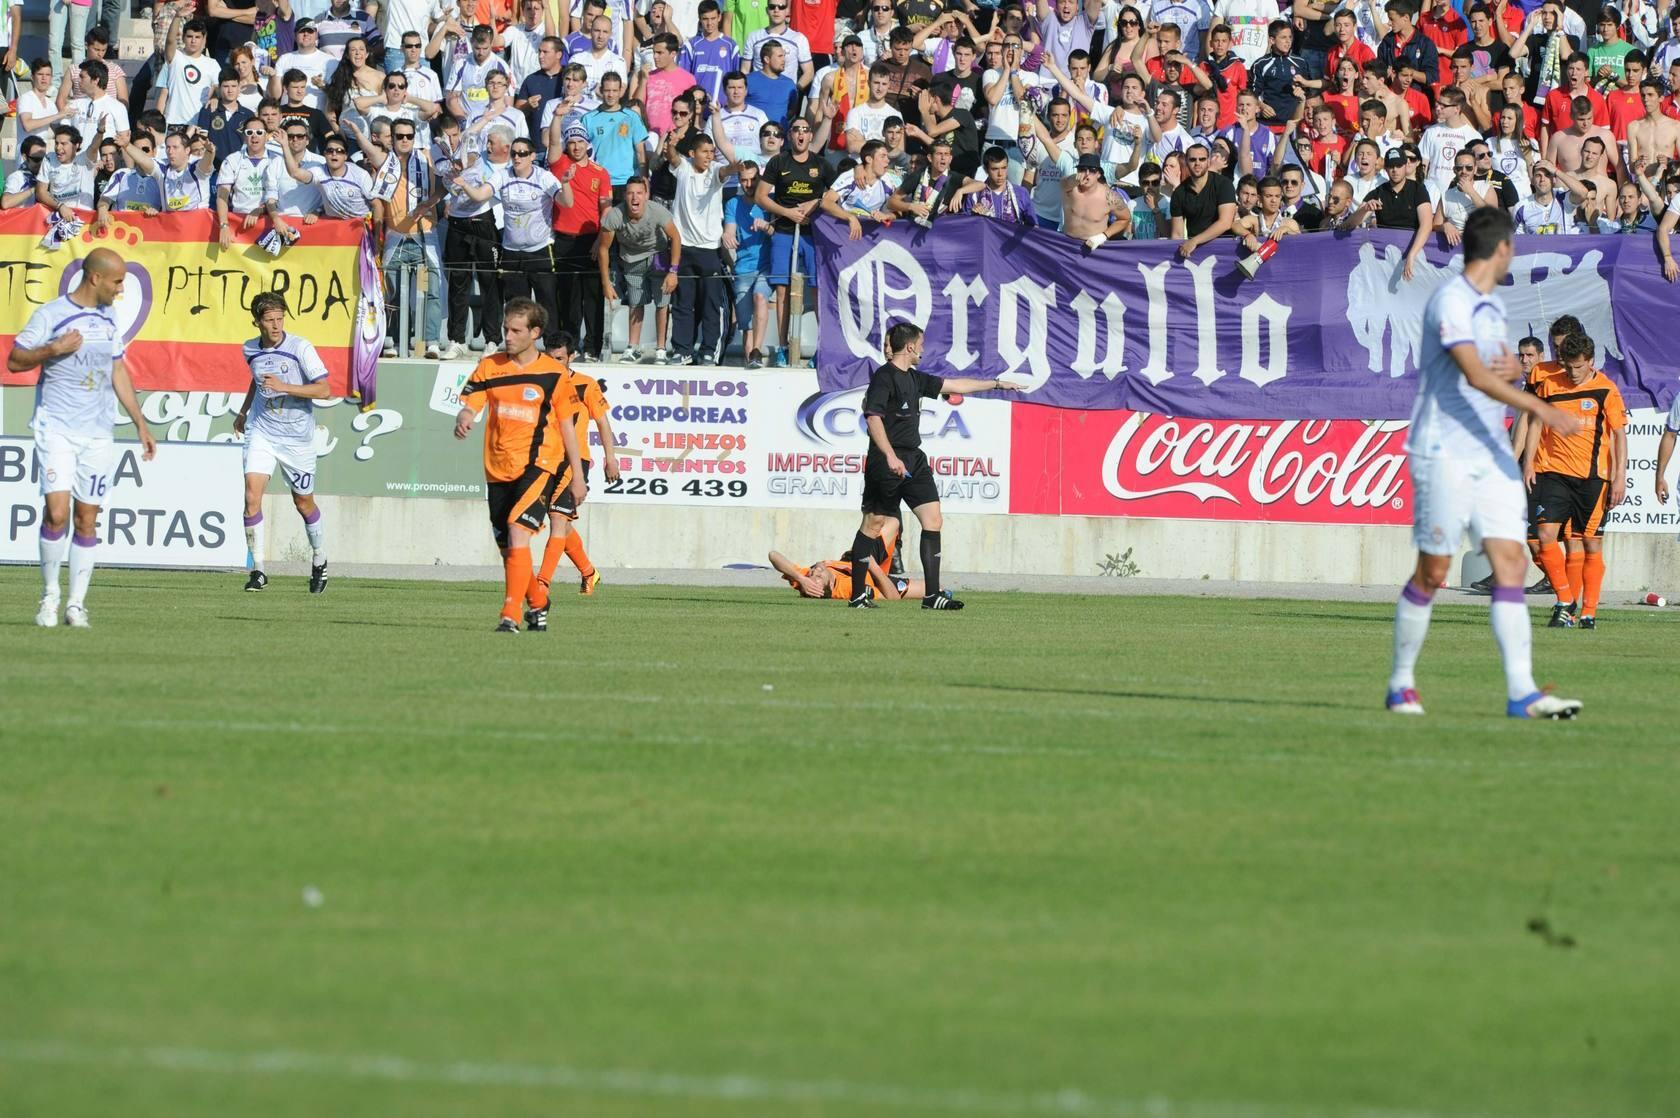 Real Jaén 1 - Alavés 1. El partido, en imágenes